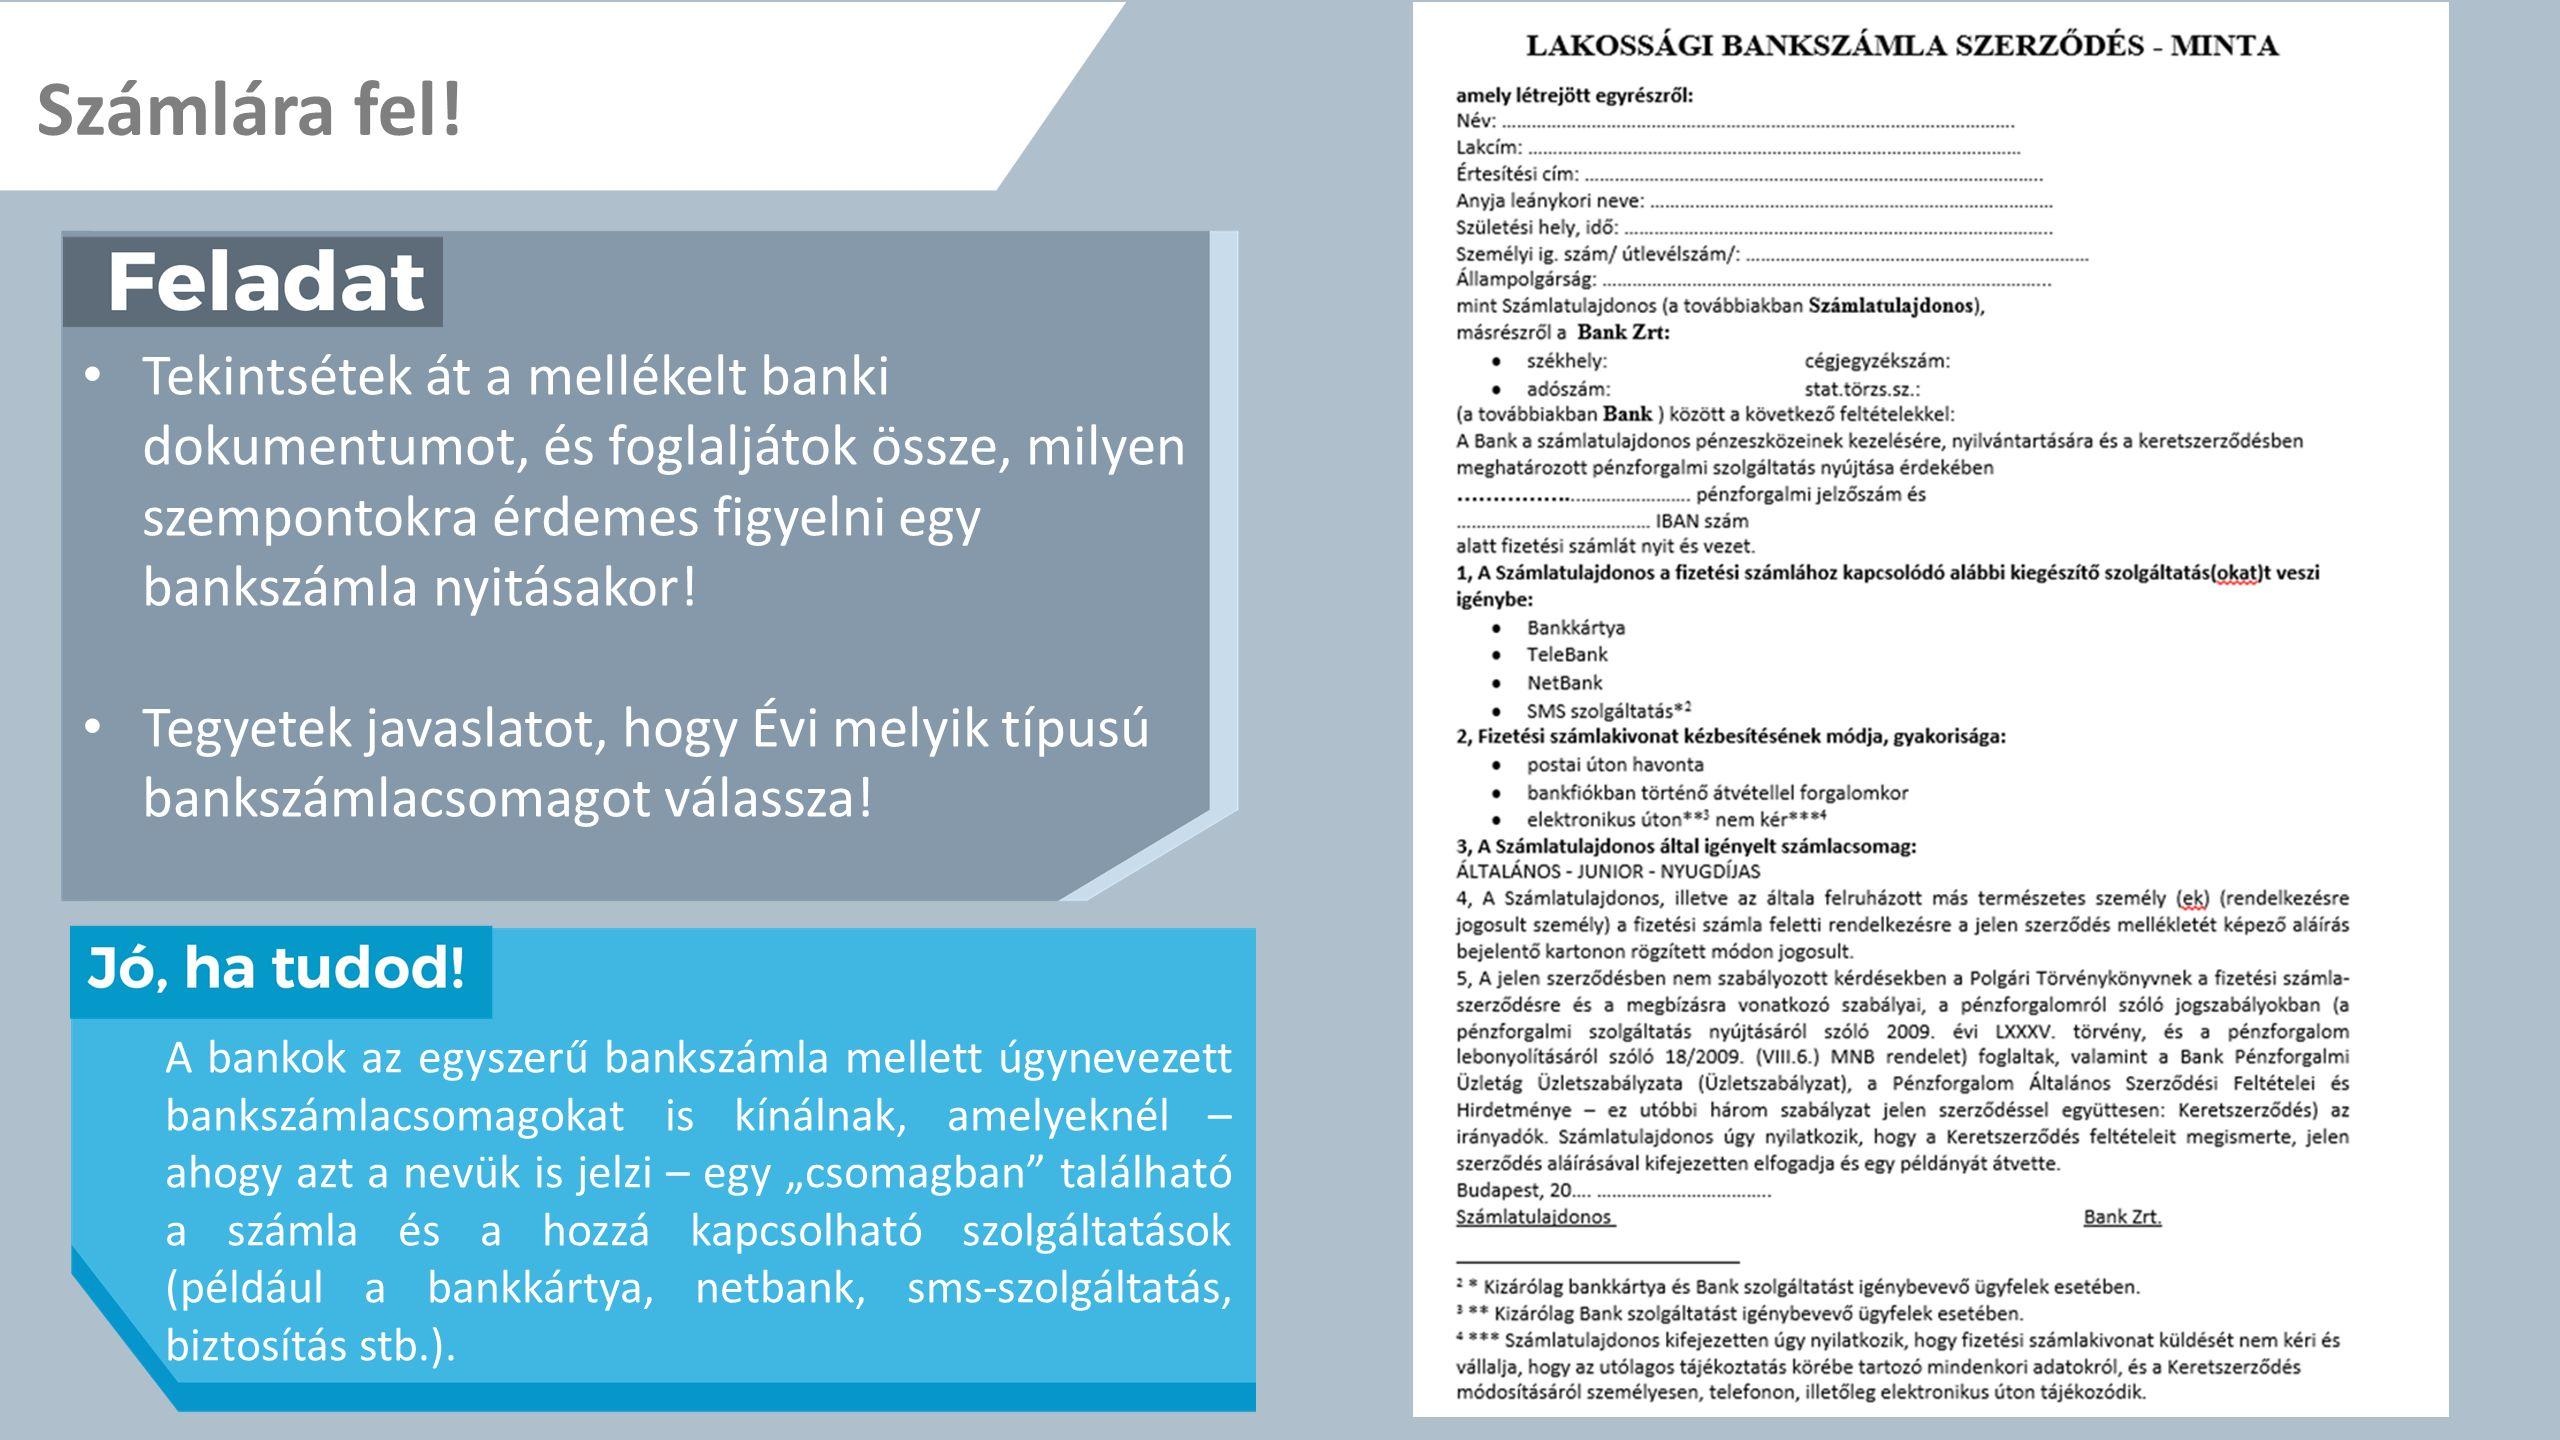 Számlára fel! Tekintsétek át a mellékelt banki dokumentumot, és foglaljátok össze, milyen szempontokra érdemes figyelni egy bankszámla nyitásakor!